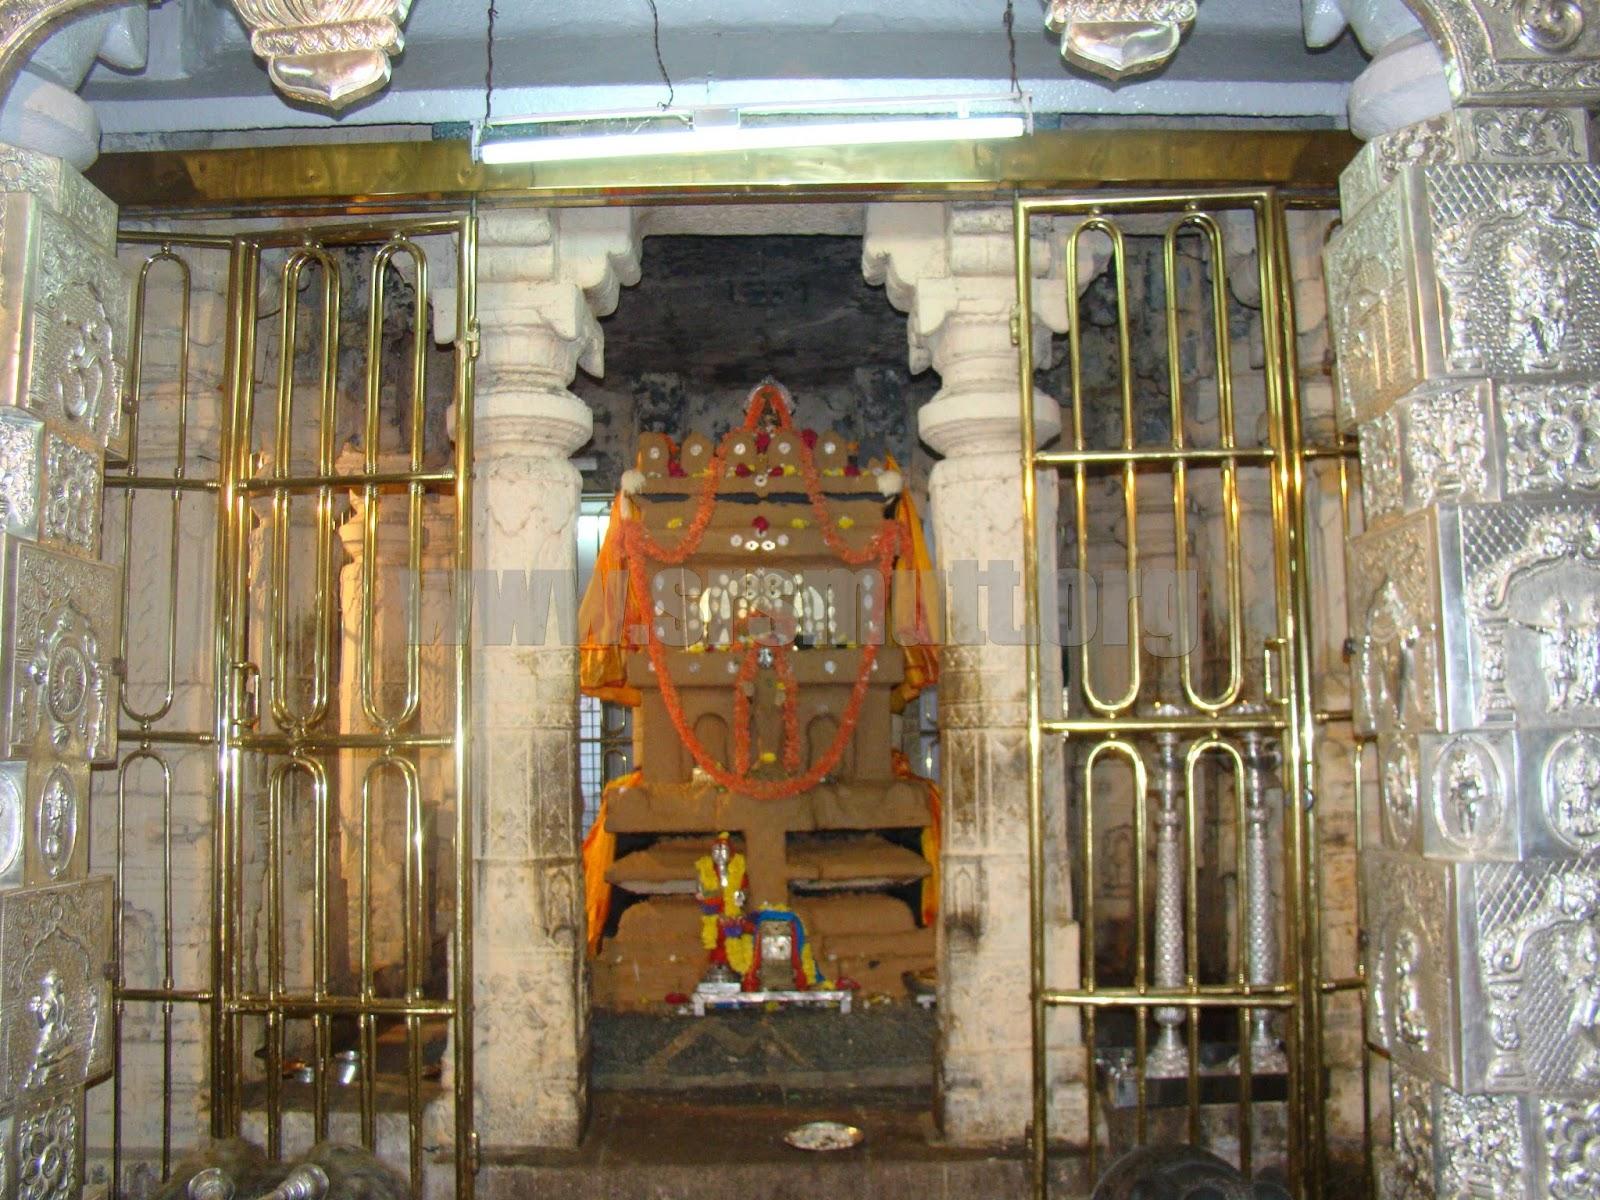 మంత్రాలయం రాఘవేంద్ర స్వామి - Mantralayam Raghavendra Swamy Temple